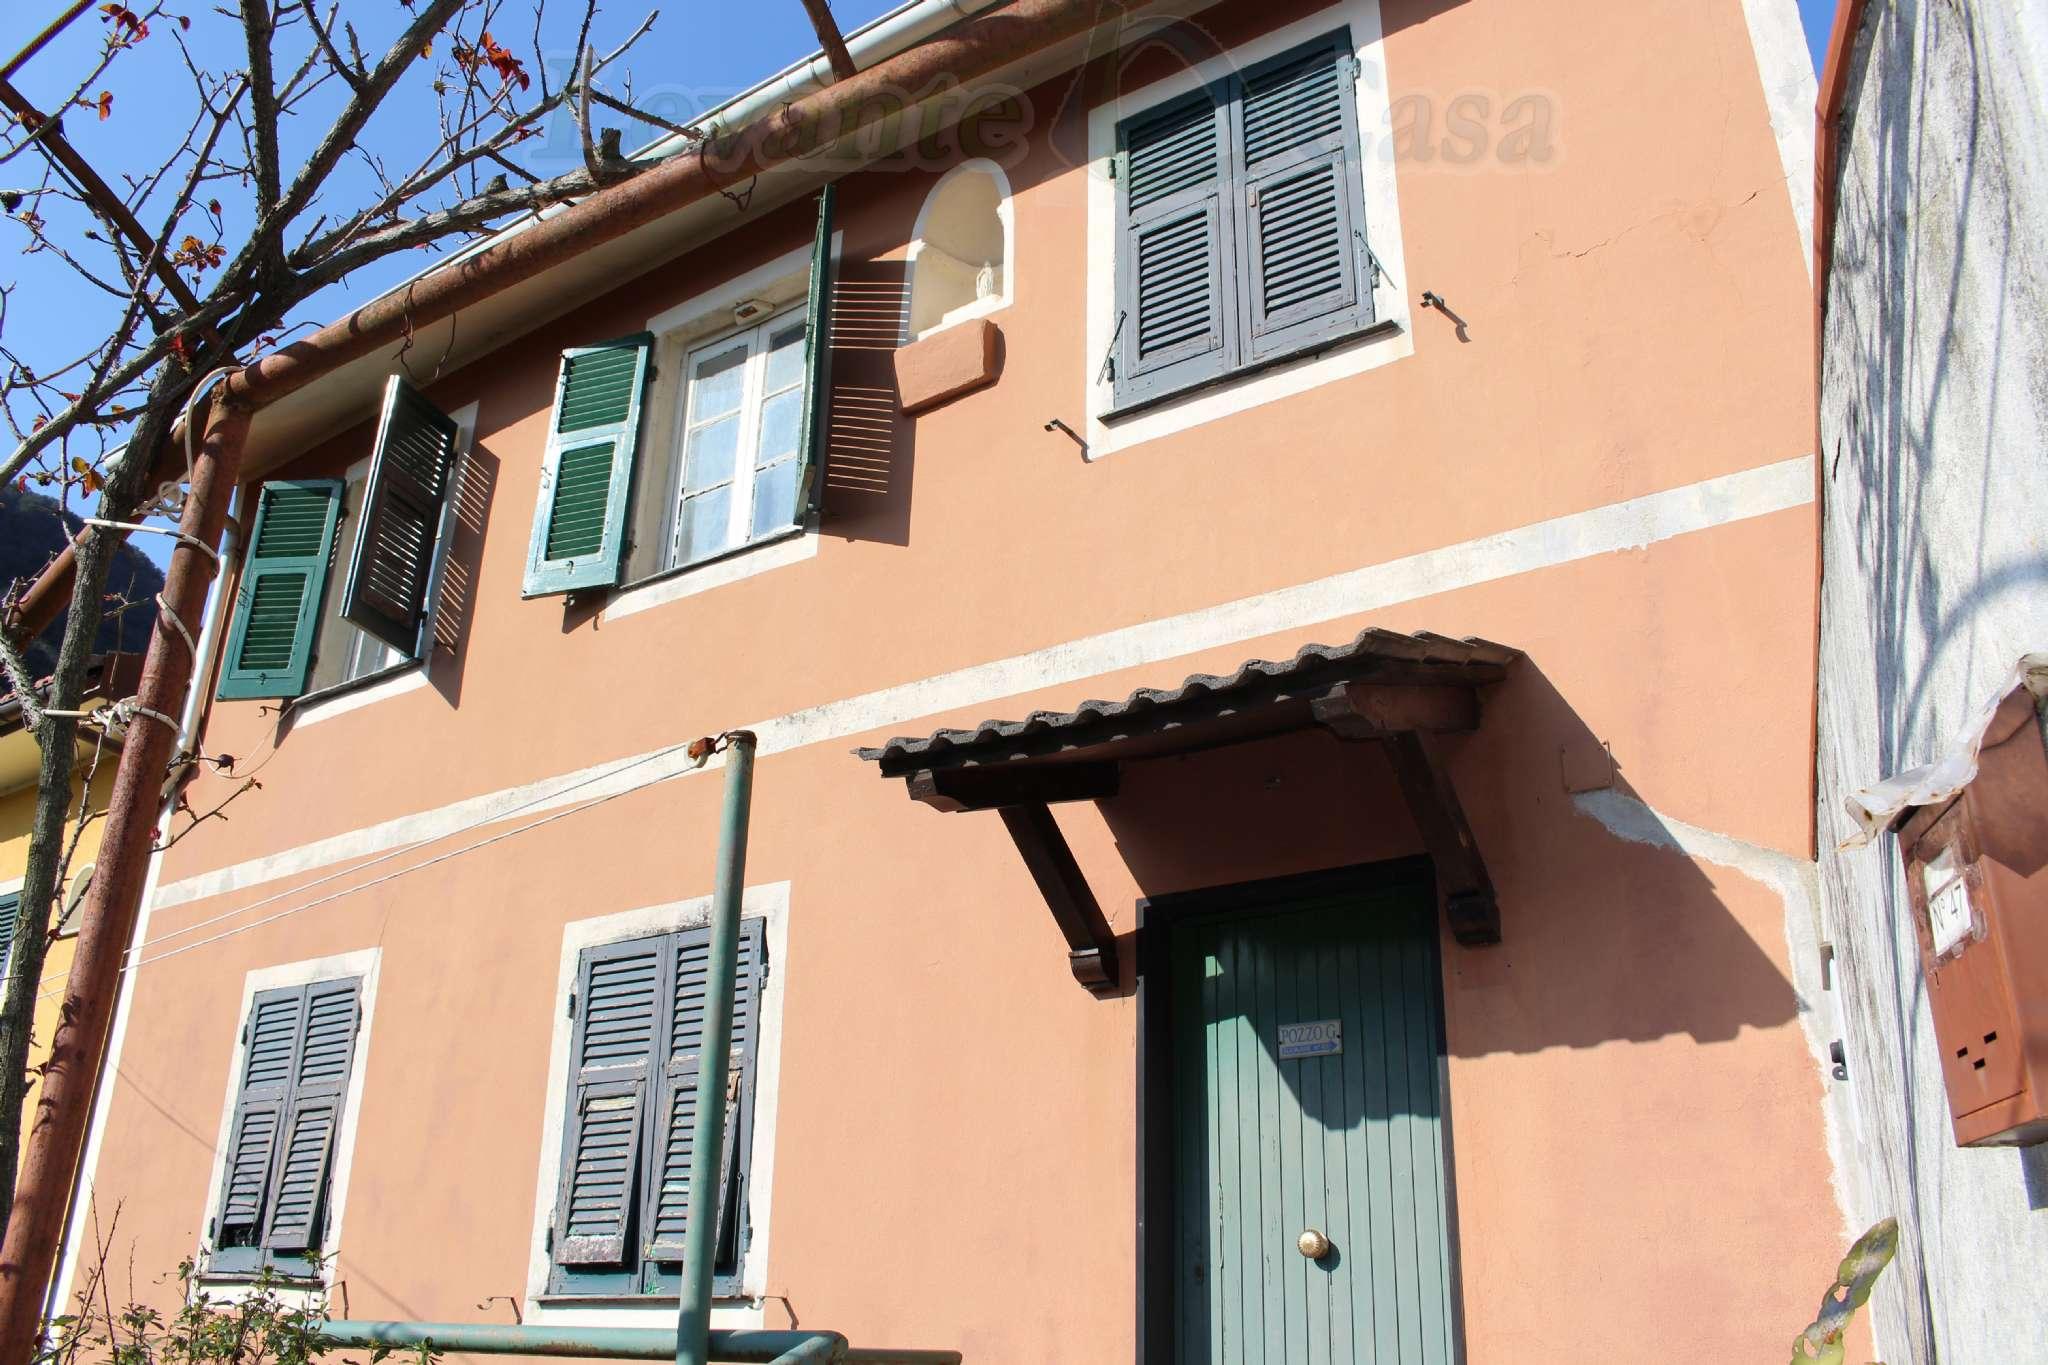 Foto 4 di Terratetto - Terracielo Avegno